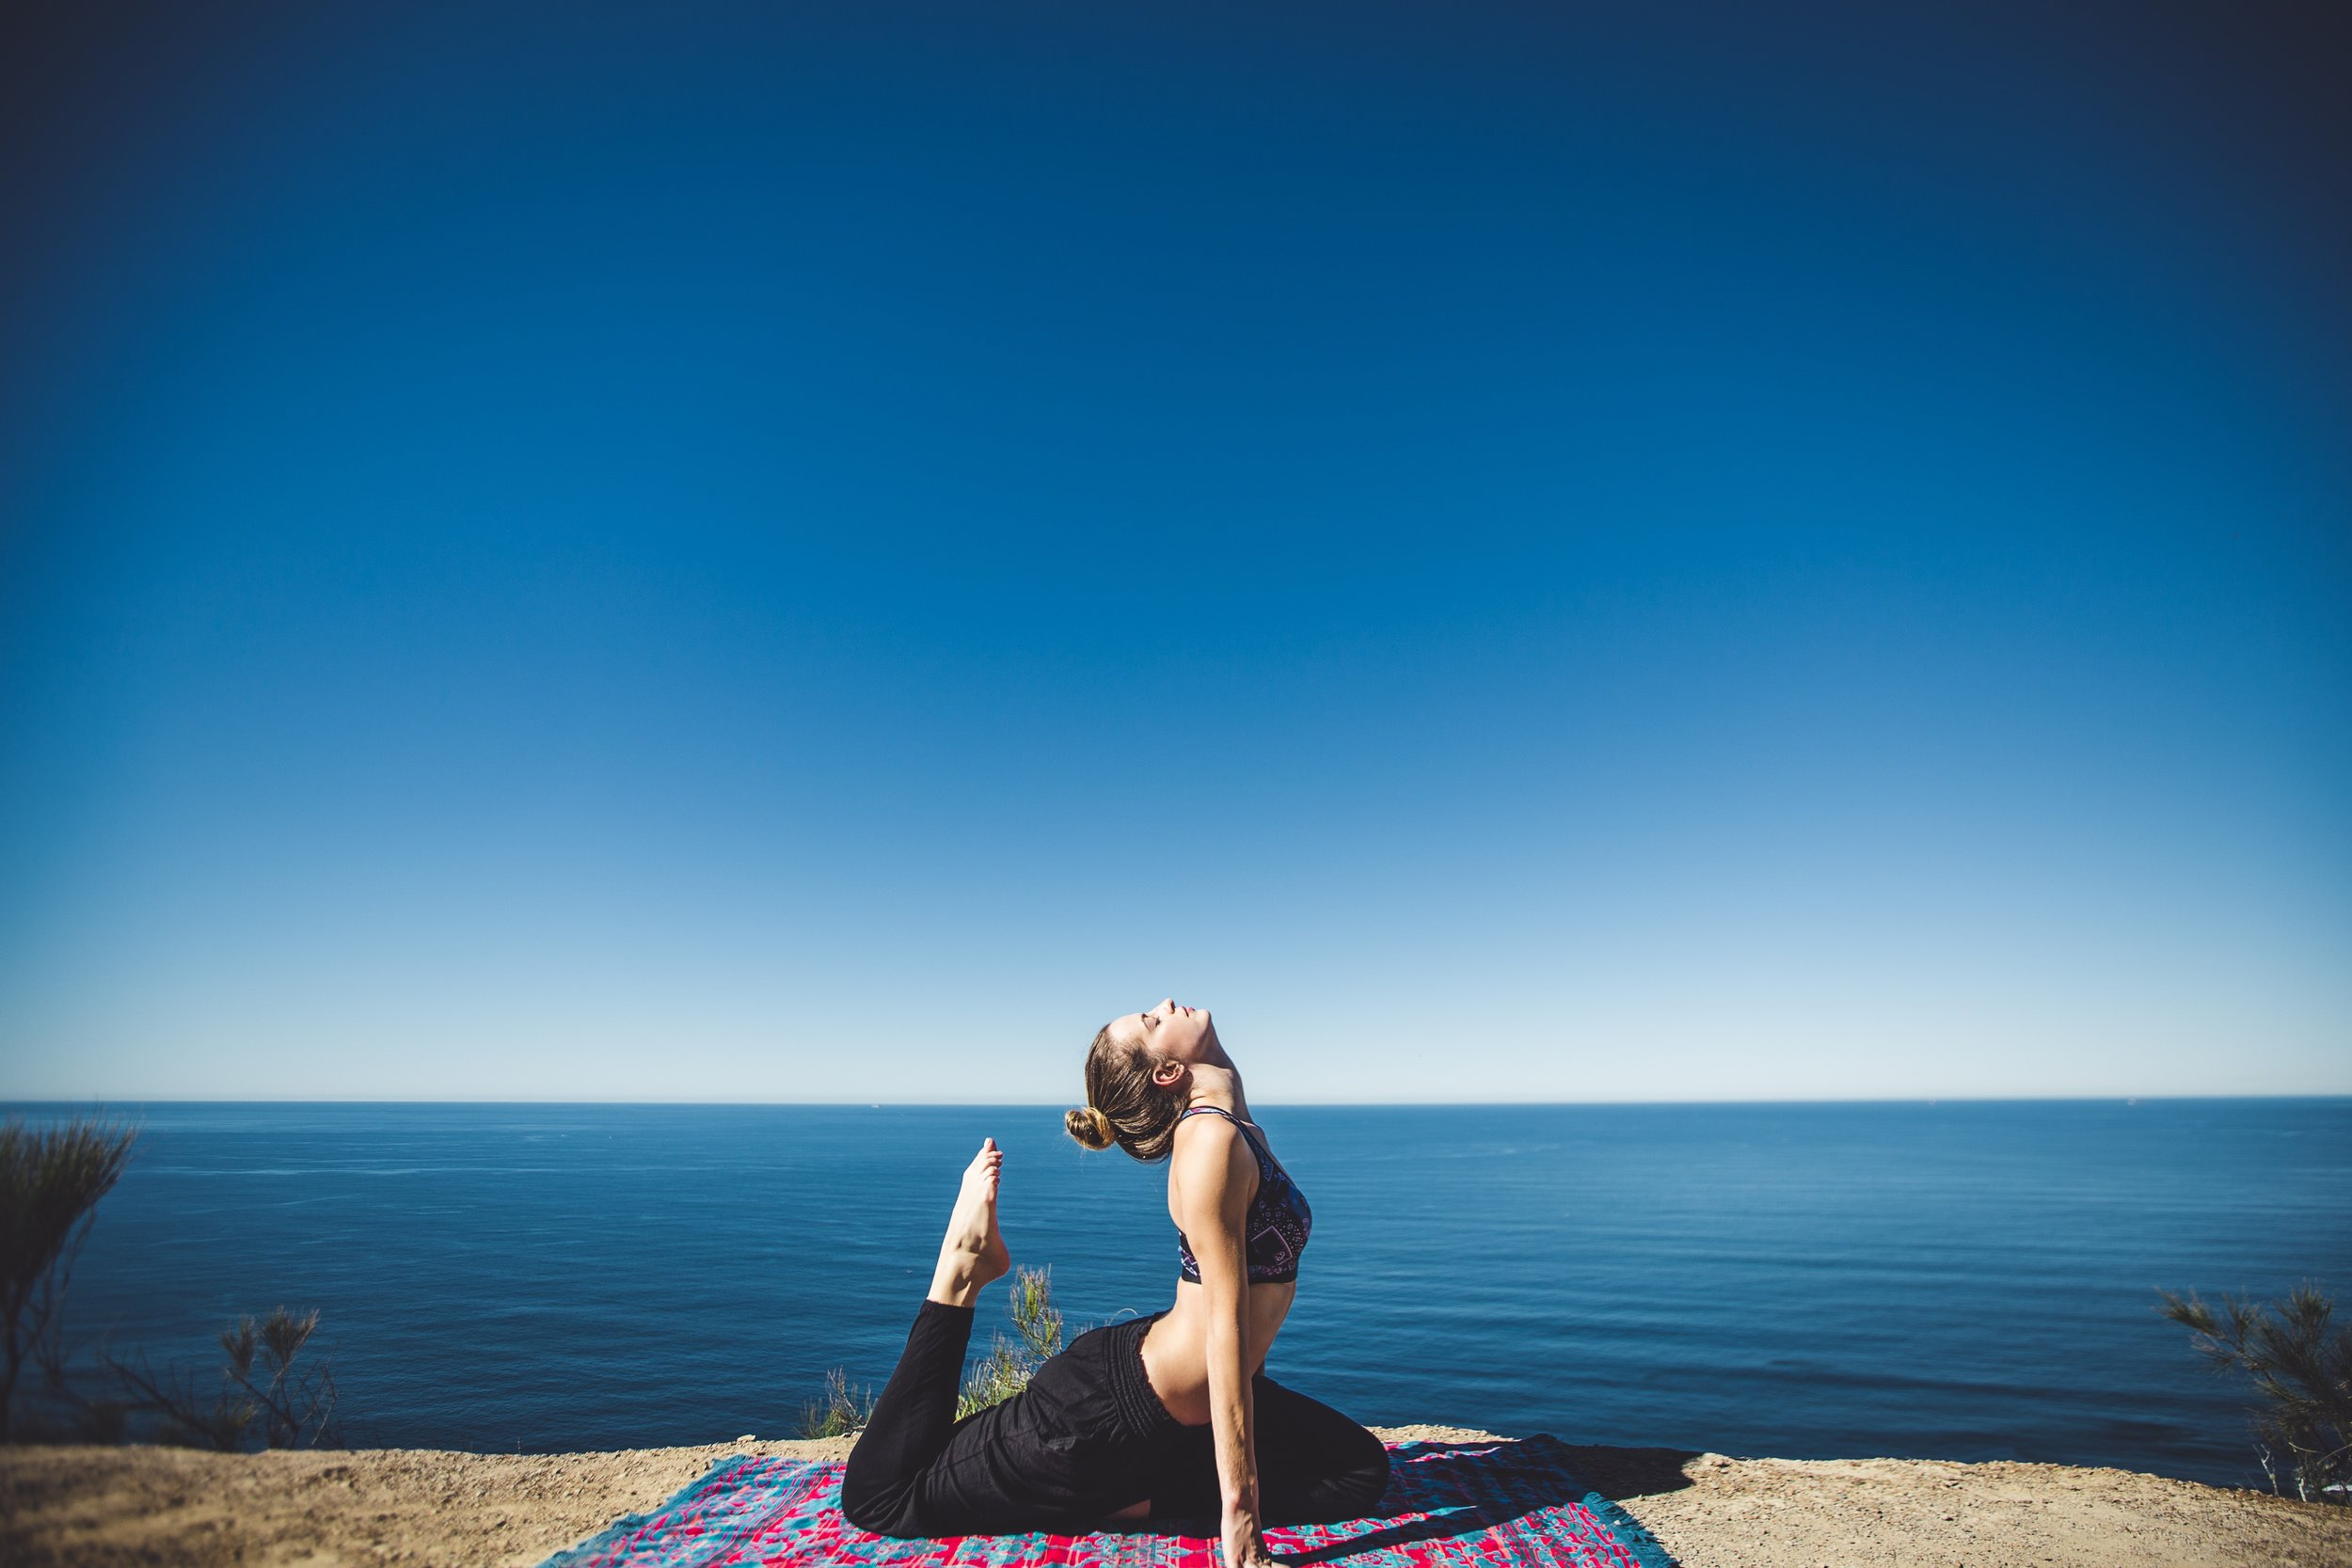 yoga meditationcoast-1834827.jpg